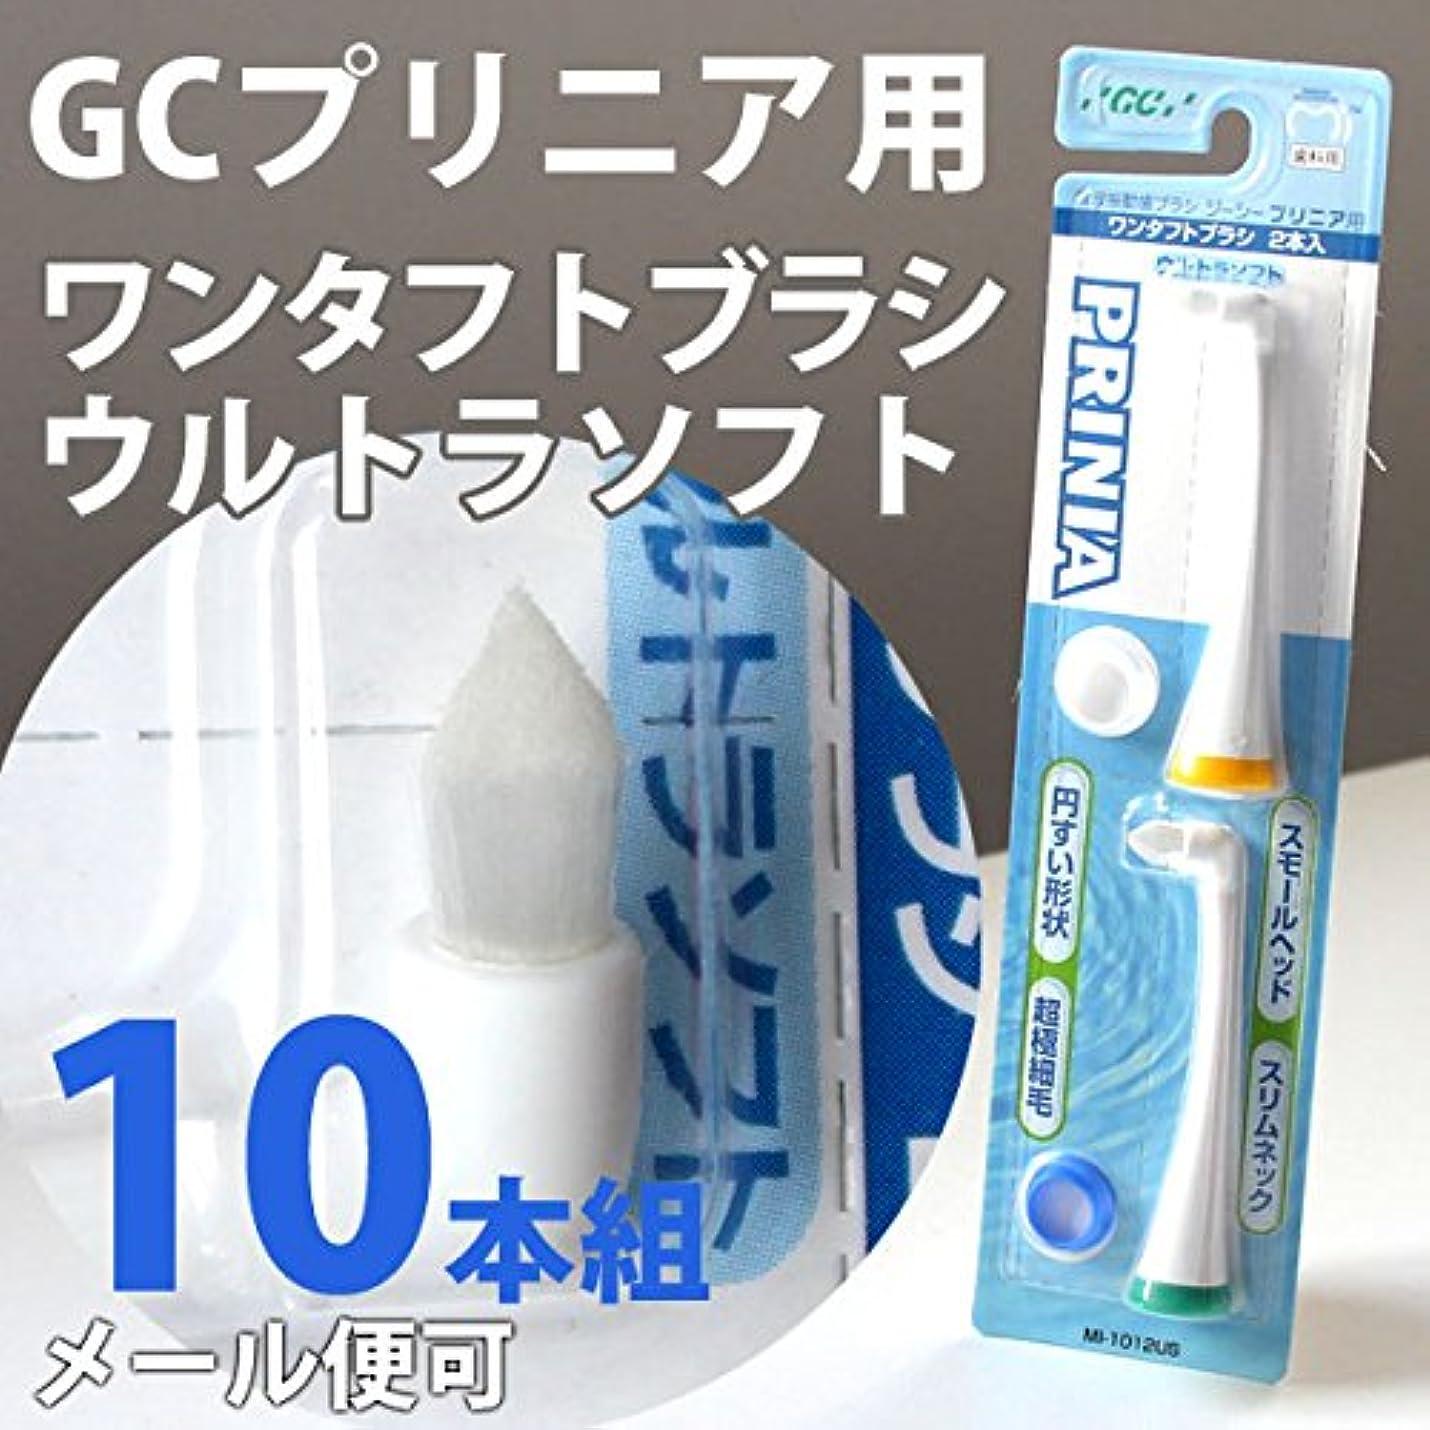 アナロジーインペリアルトロリープリニア ワンタフト GC 音波振動 歯ブラシ プリニアスリム ブラシ 替えブラシ (ウルトラソフト)5セット (10本)